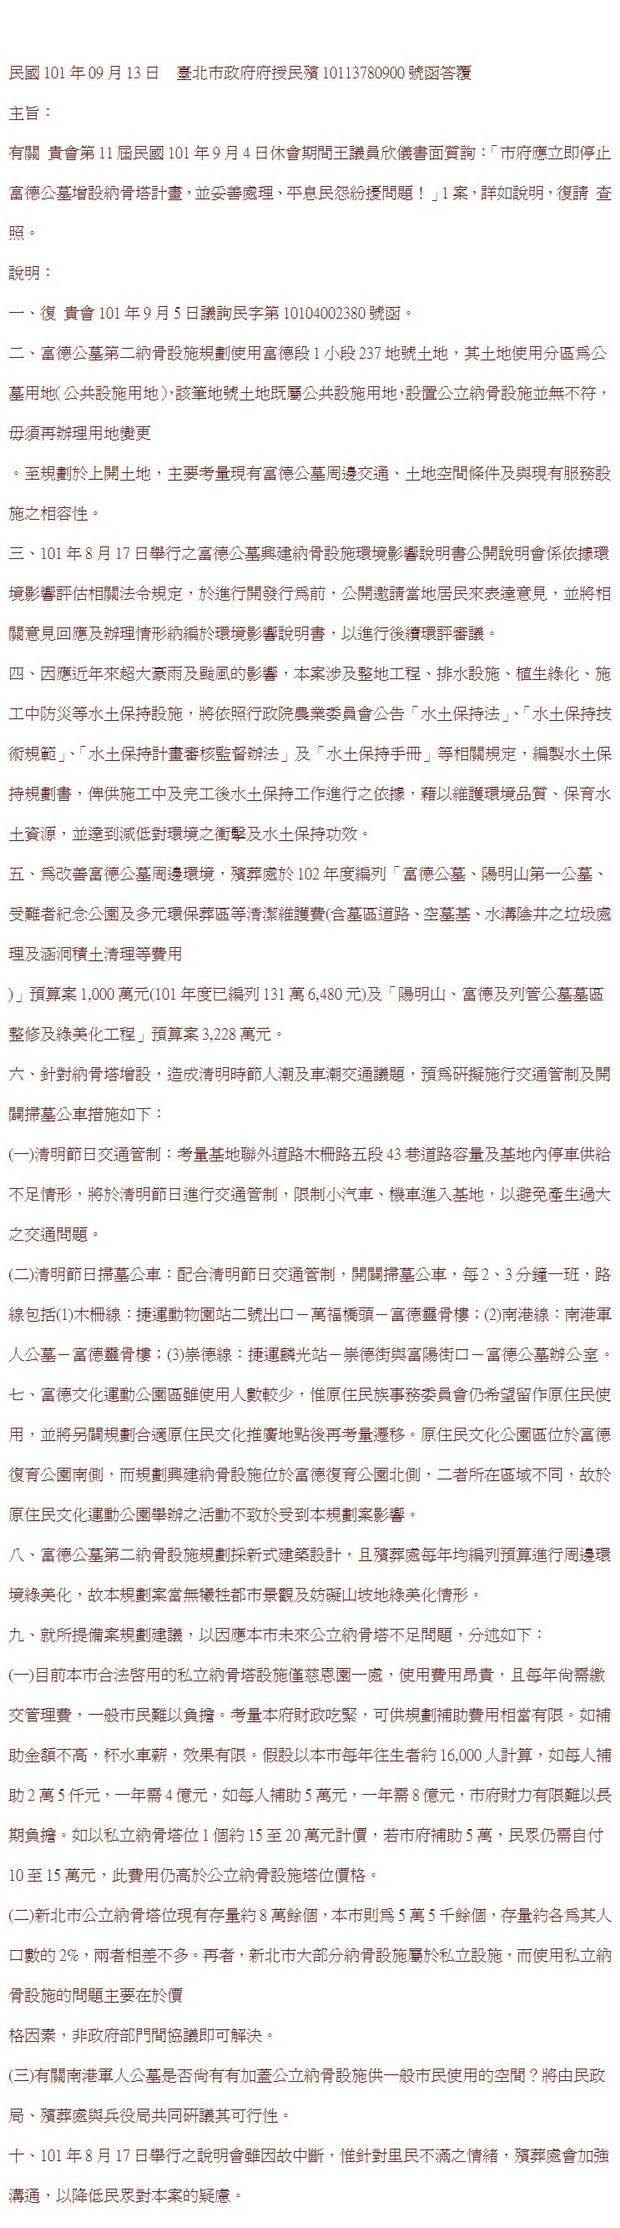 北市府有關「停止富德公墓增設」之回答-2012.09.13